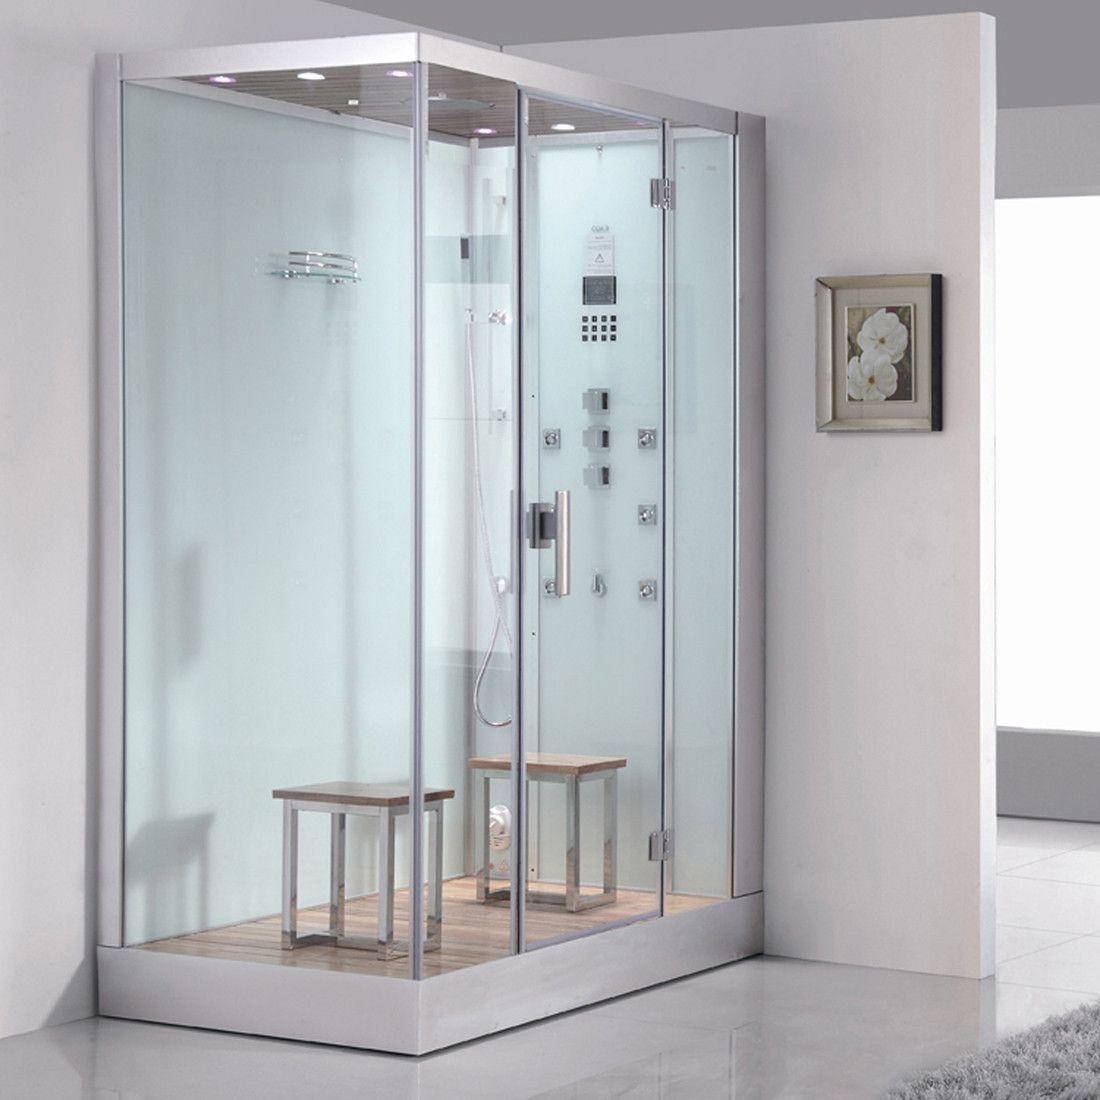 Ariel Platinum Dz961f8 Steam Shower Steam Shower Enclosure